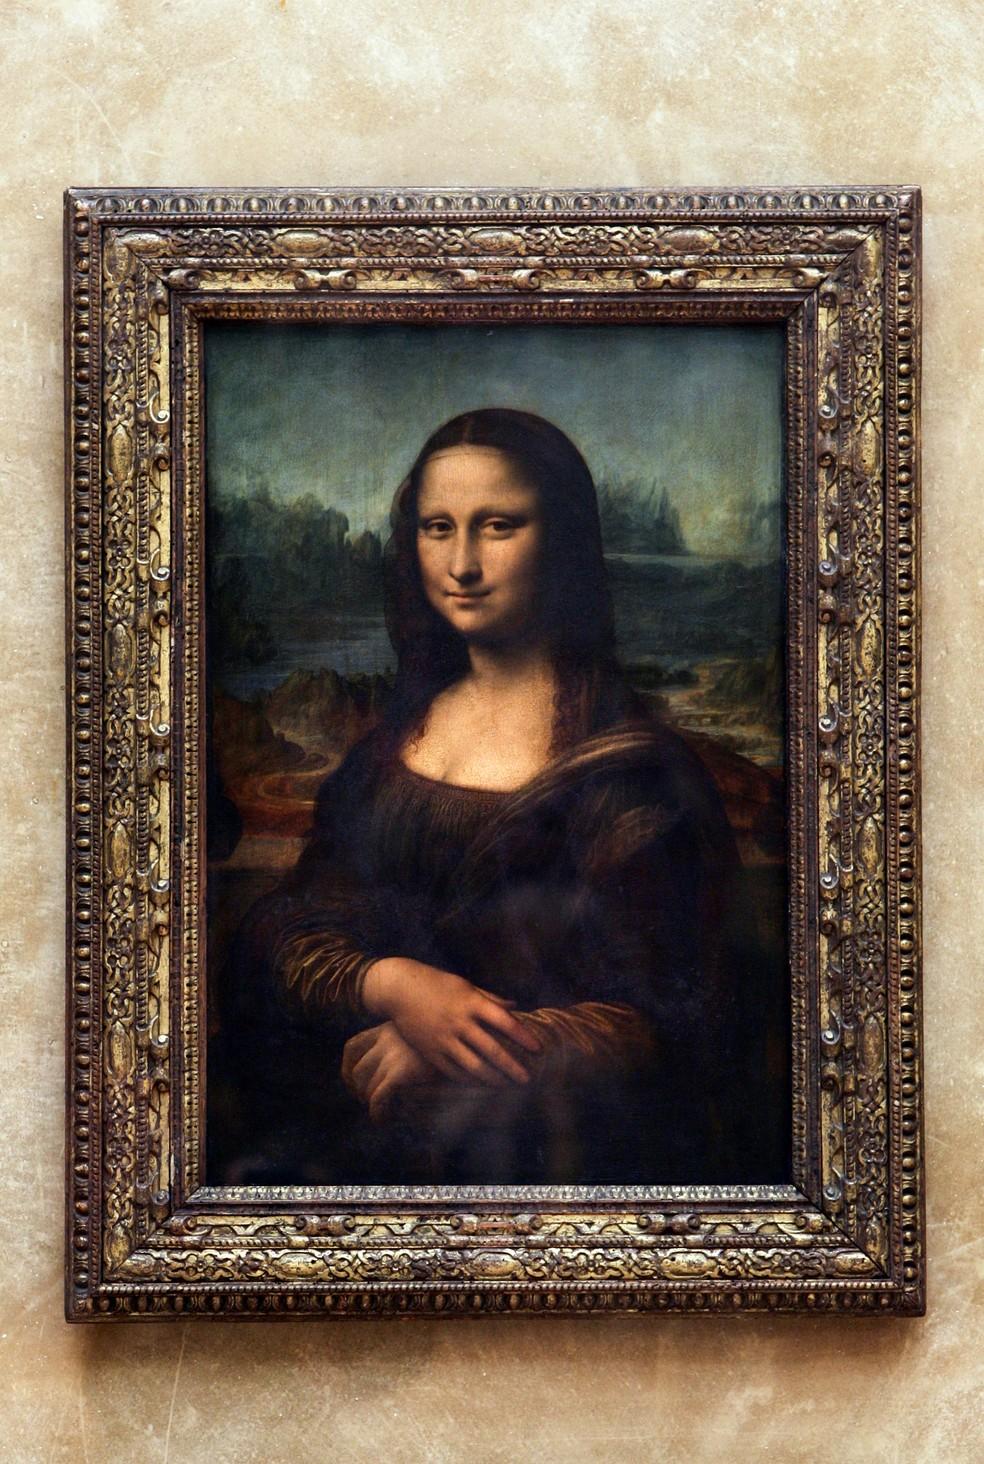 Mona Lisa será deslocada no Louvre até outubro para reforma em sala — Foto: JEAN-PIERRE MULLER / AFP